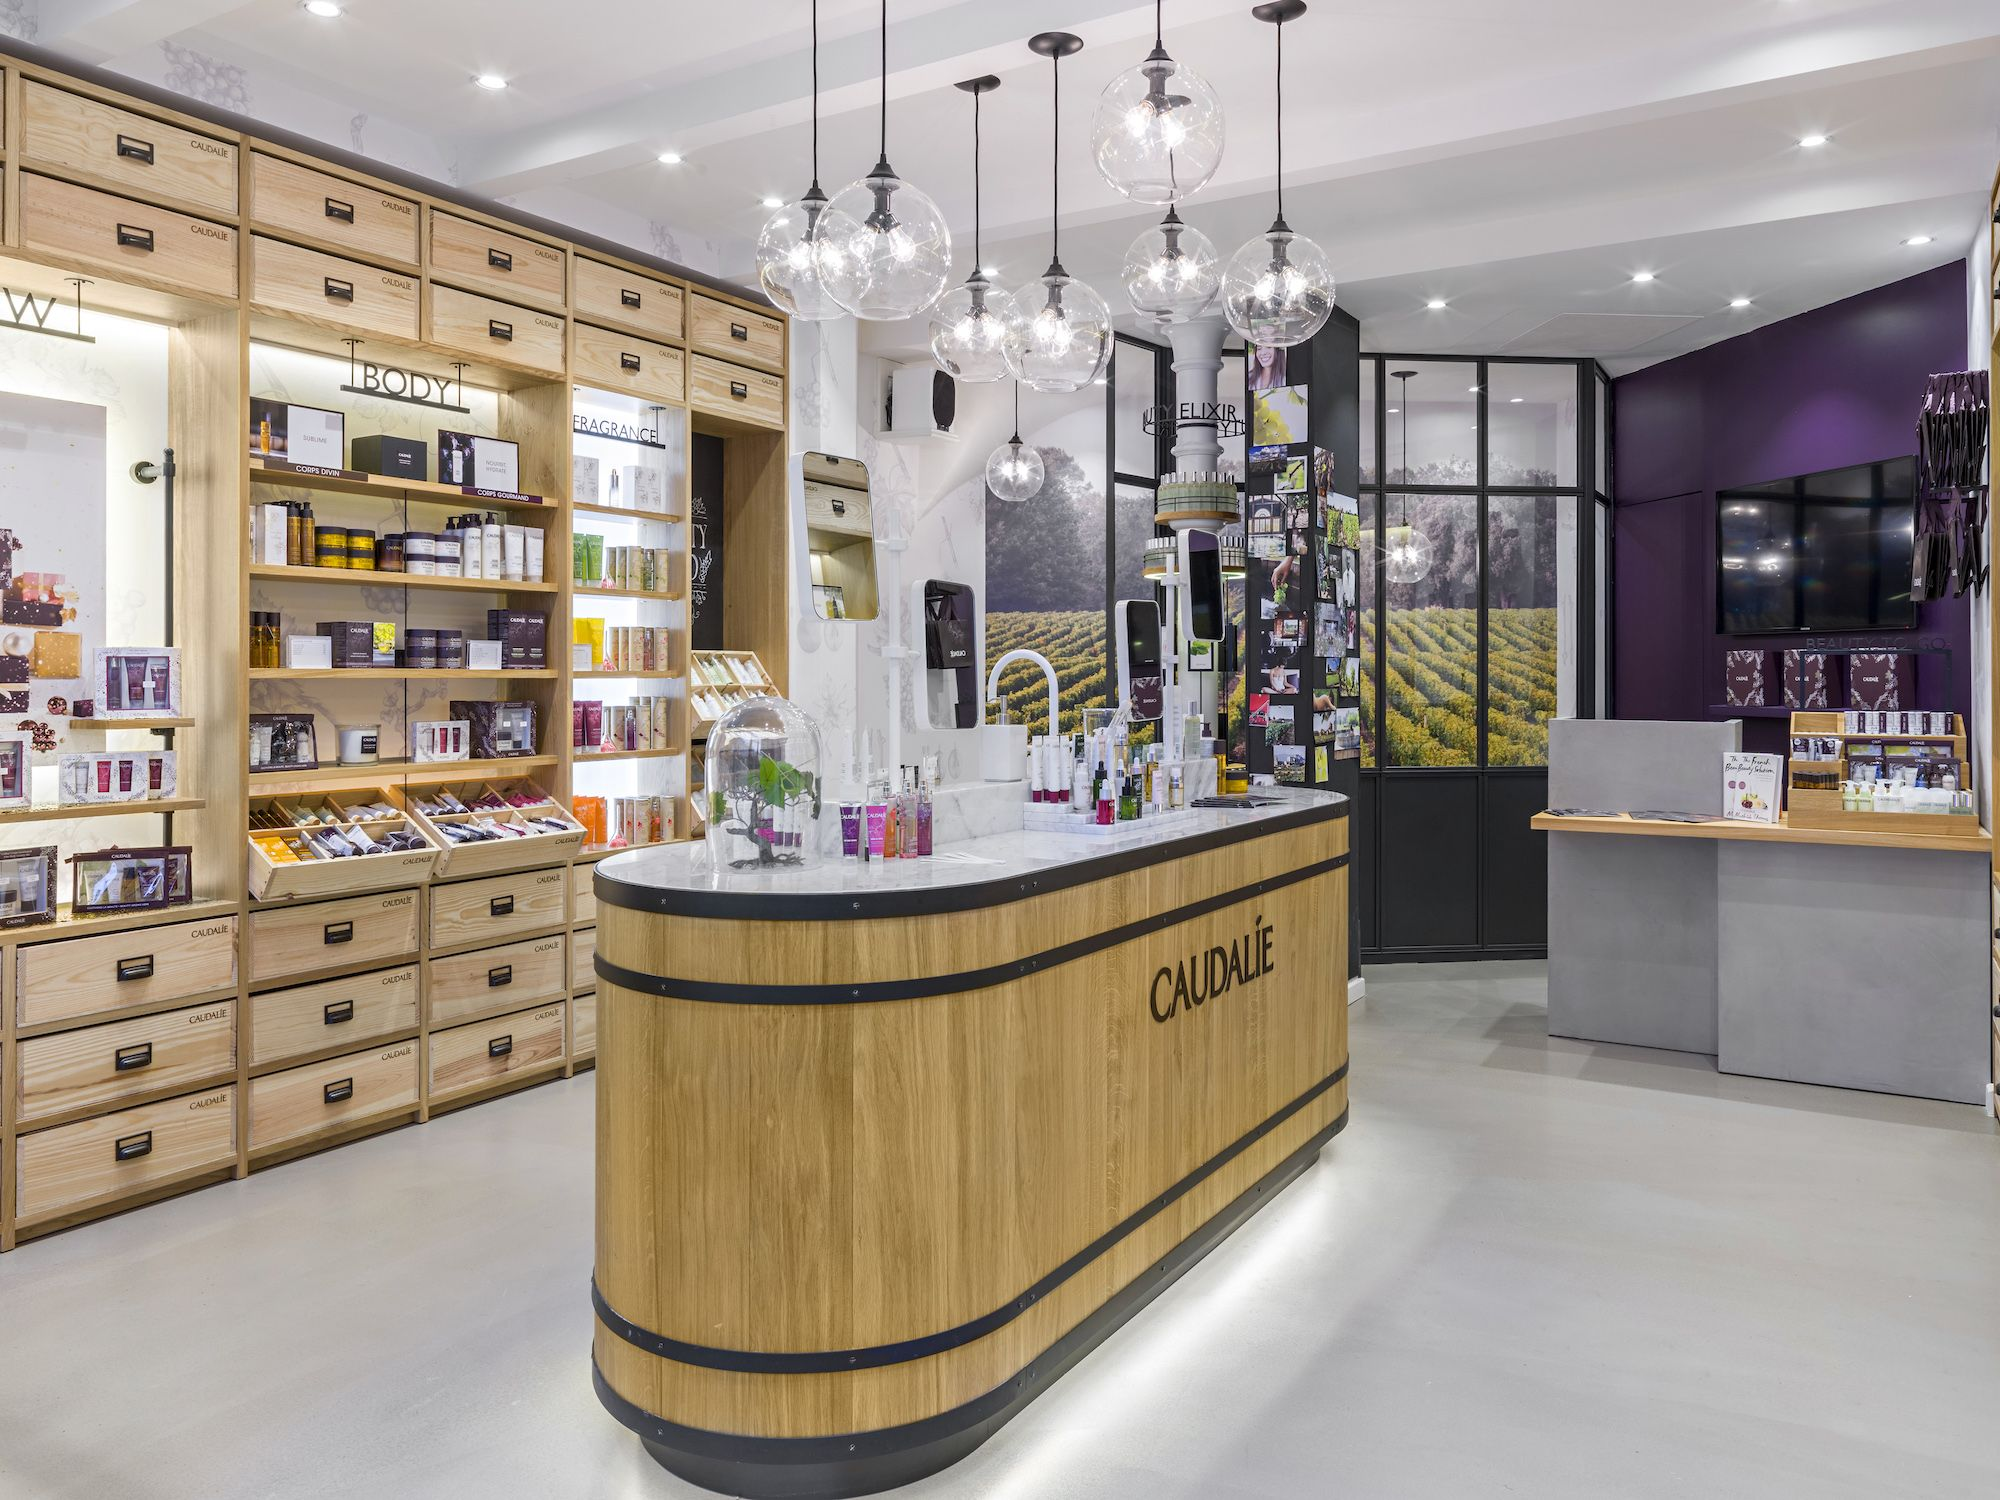 la boutique spa caudalie s 39 installe rive gauche paris la parisine boutique concept store. Black Bedroom Furniture Sets. Home Design Ideas